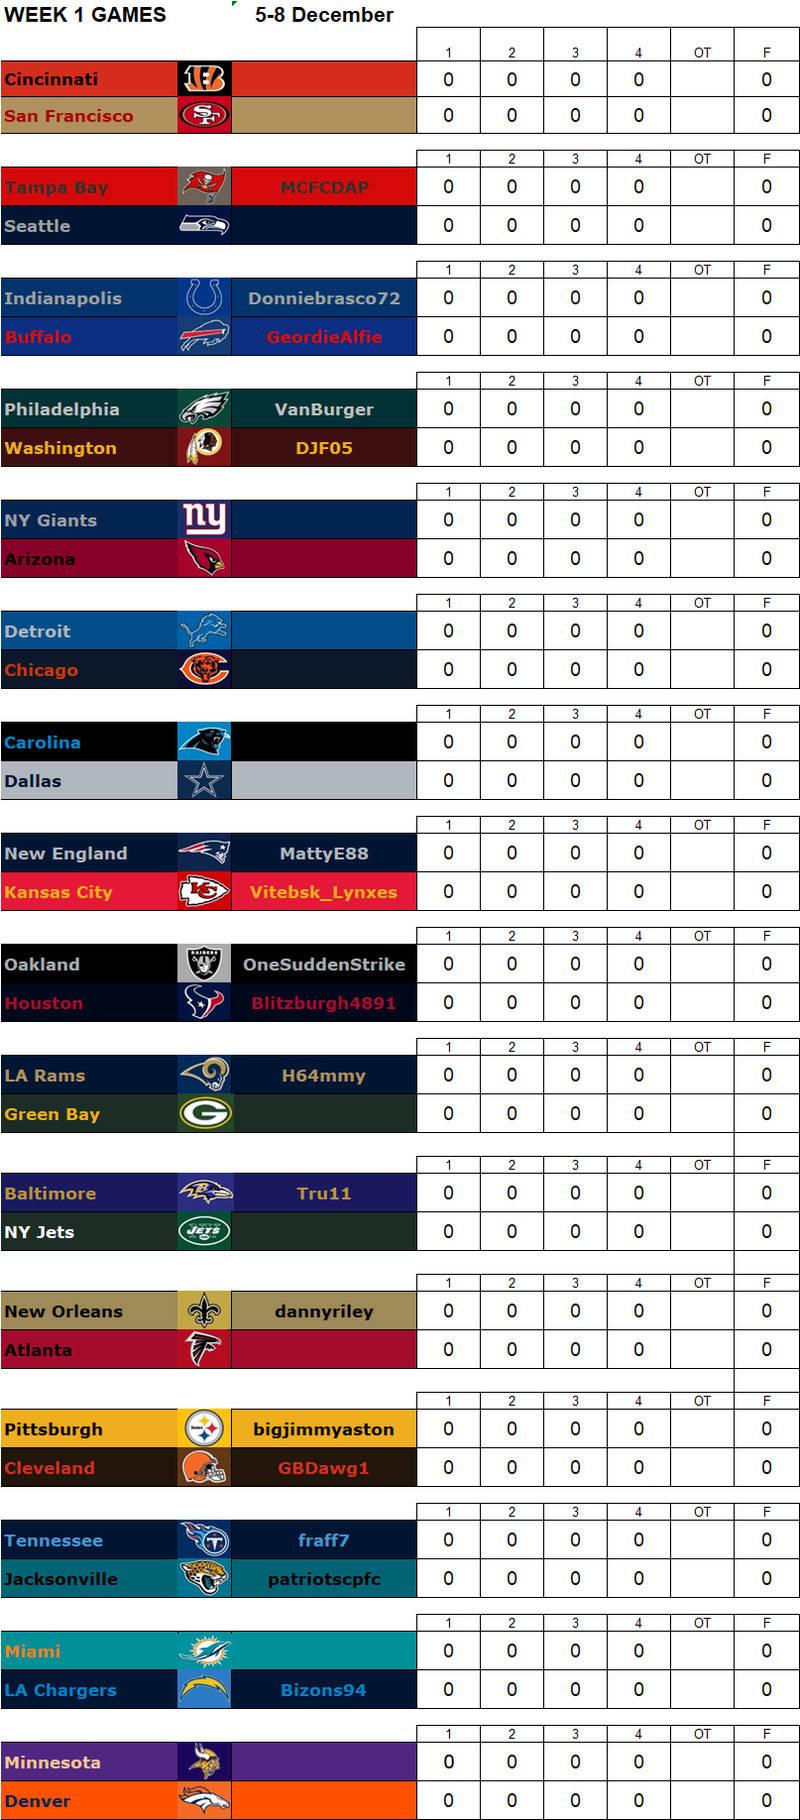 Week 1 Regular Season Matchups, 5-8 December W1g12